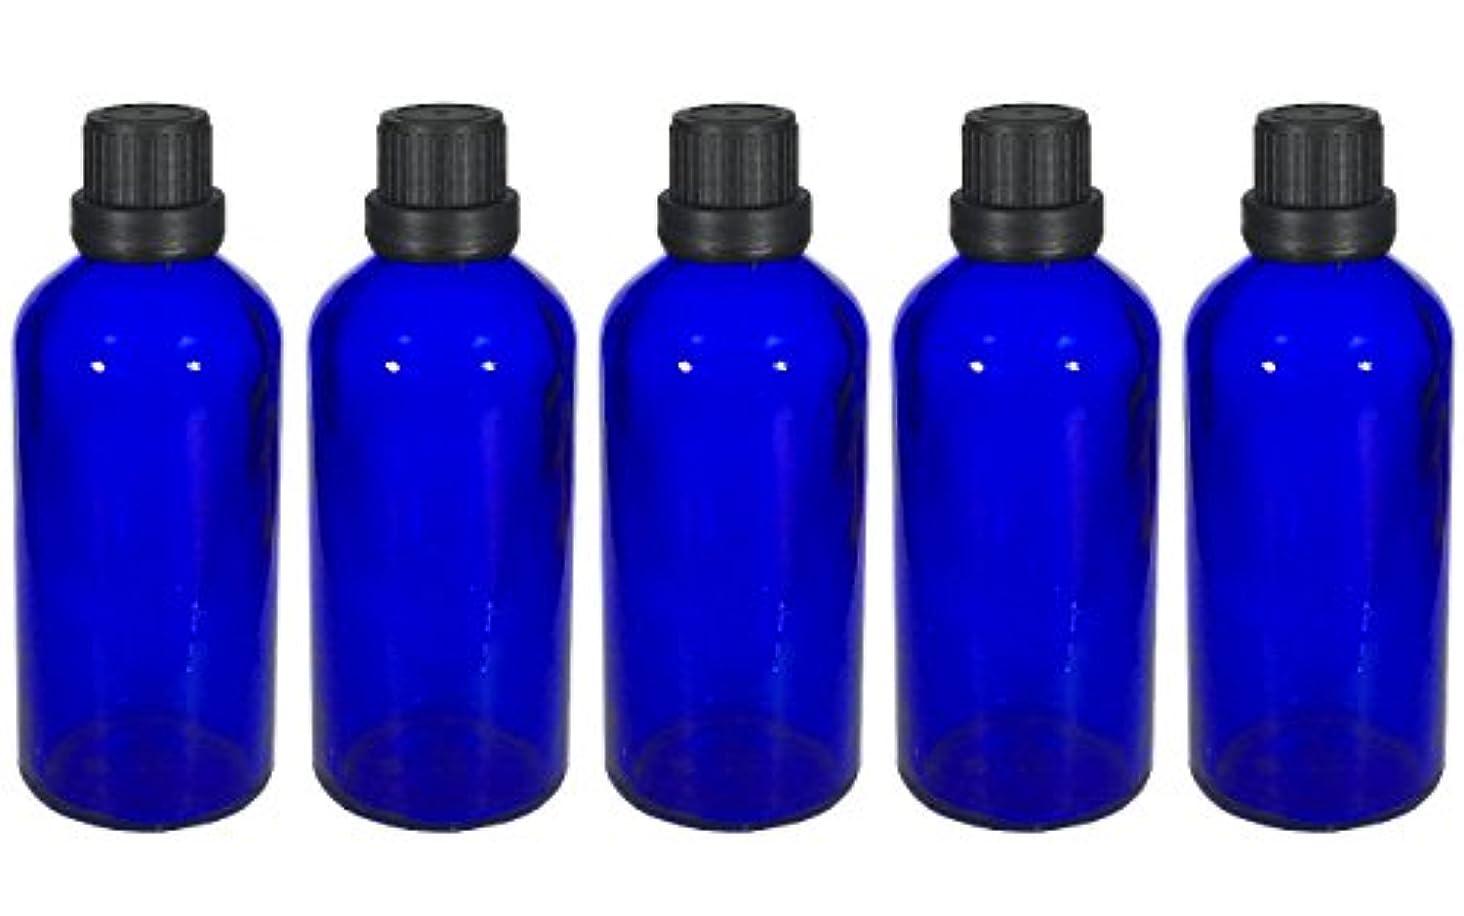 危険にさらされている活気づける作動する遮光瓶 100ml 5本セット ガラス製 アロマオイル エッセンシャルオイル 保存用 青色 ブルー